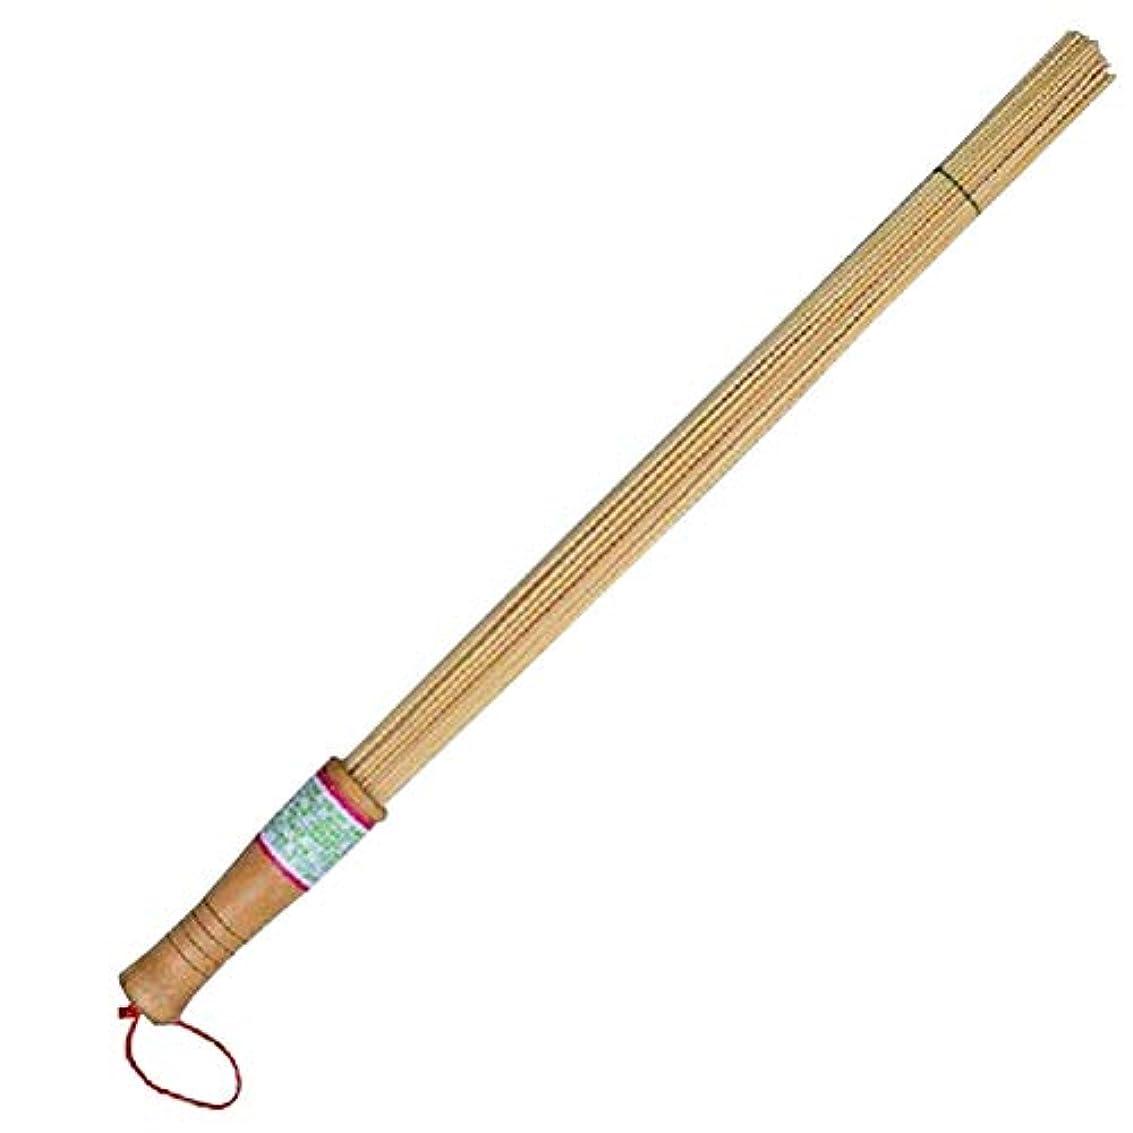 活気づける割れ目免除するHEALIFTY 緩和のためのタケマッサージの棒のAcupointのマッサージャーの背部療法のノッカー